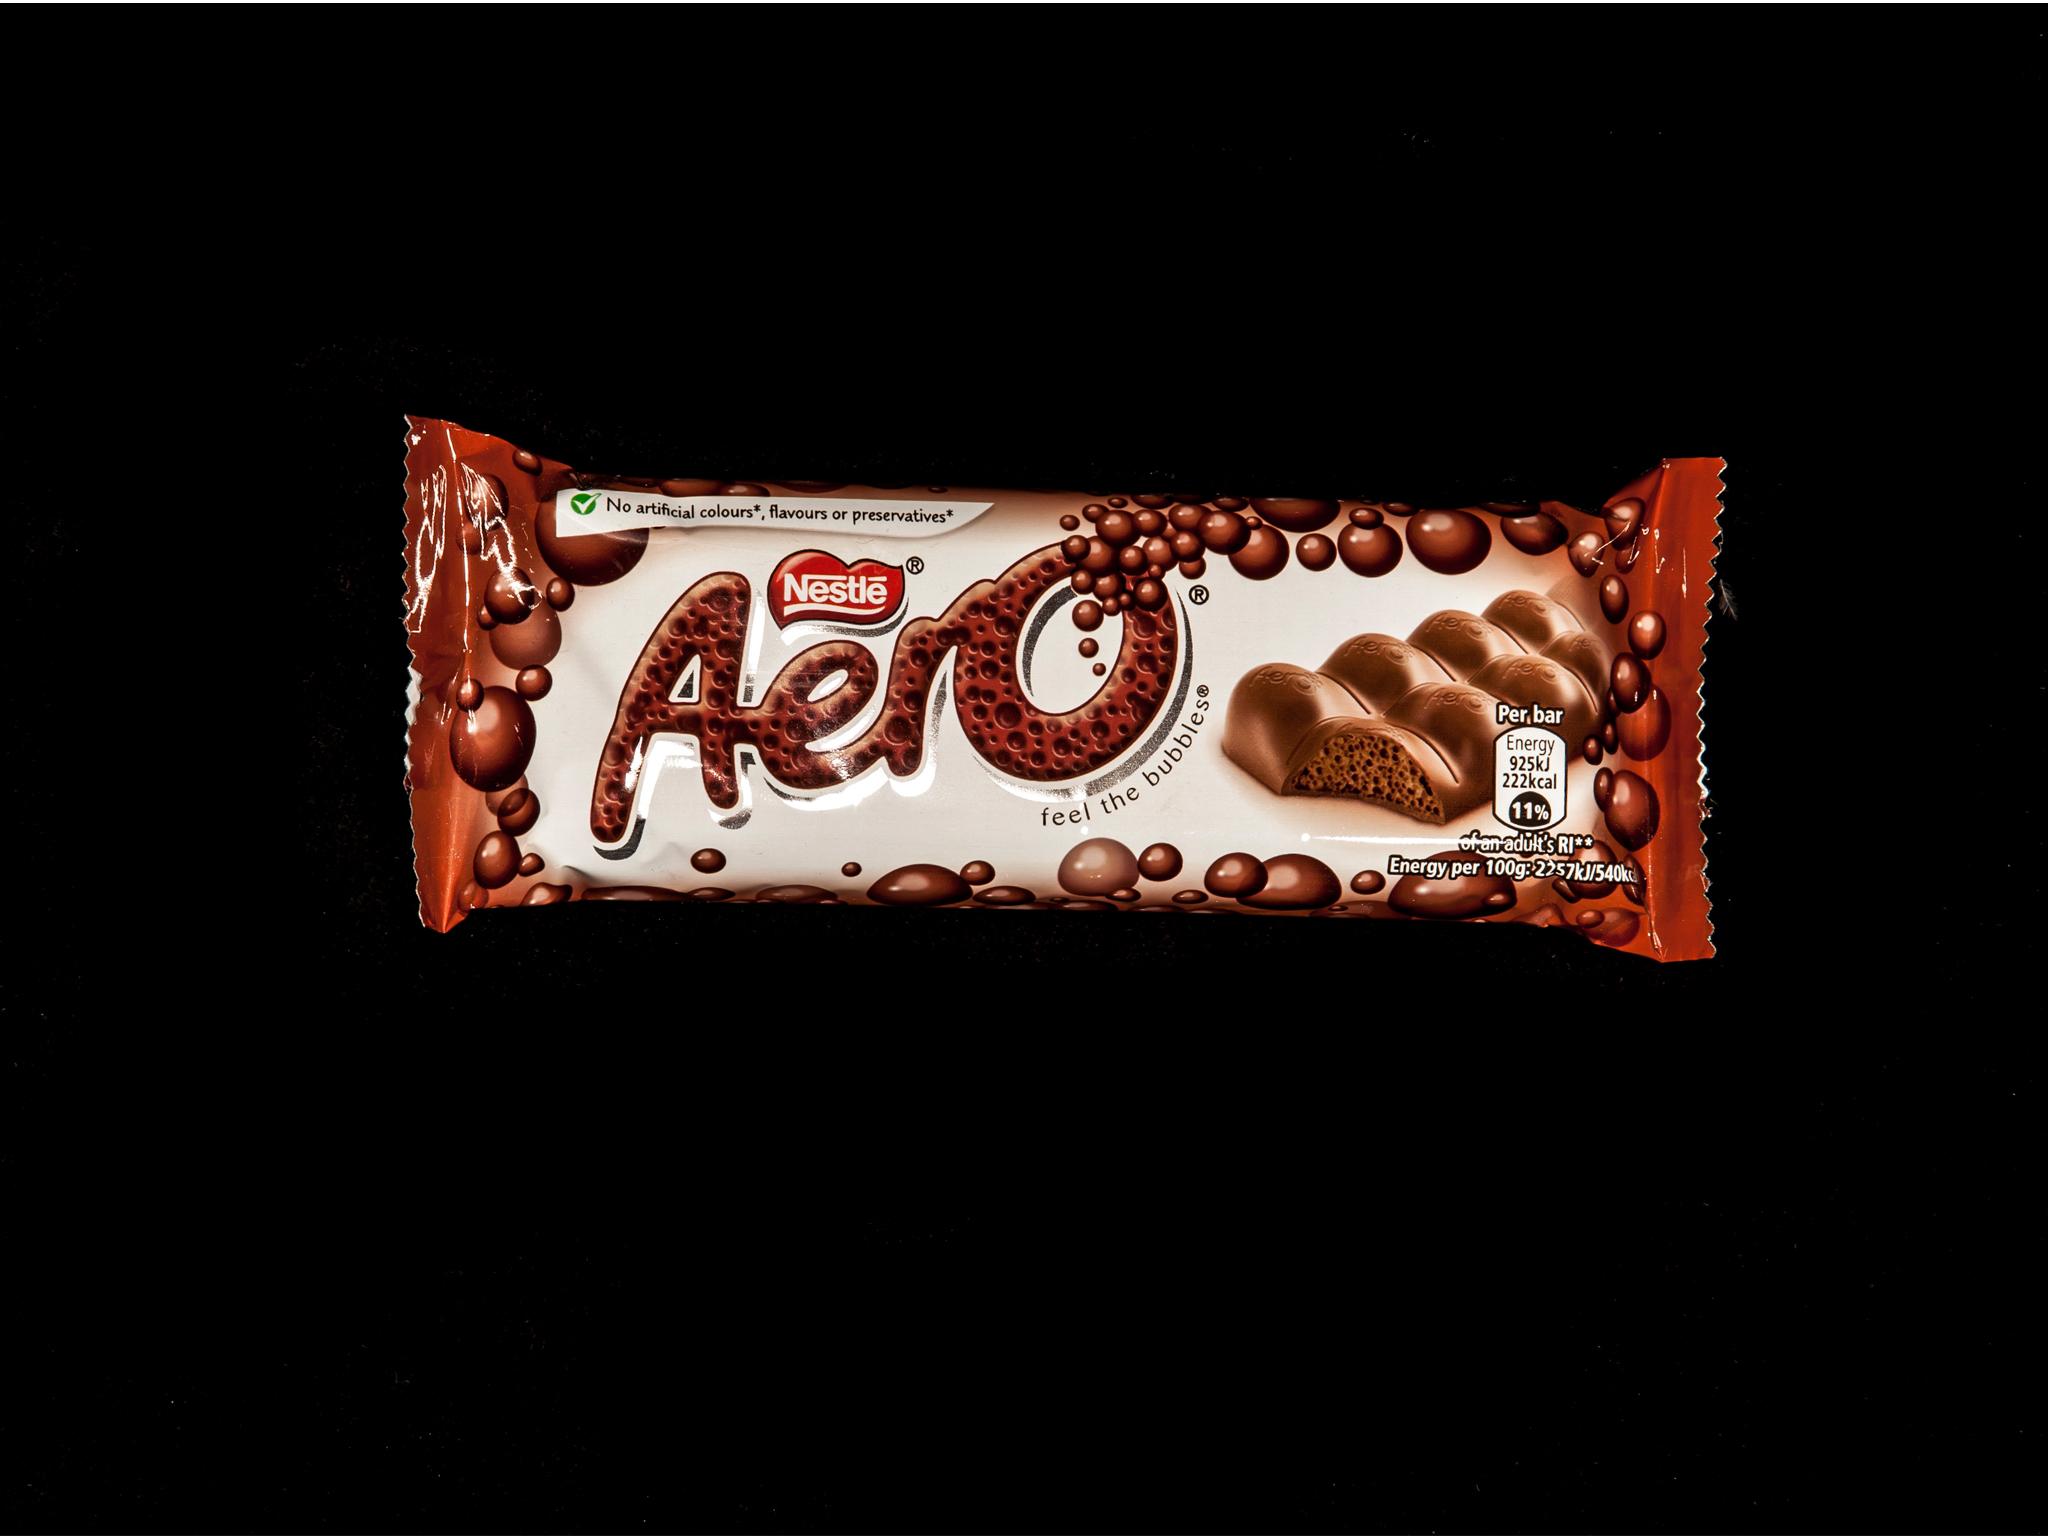 Best chocolate bars, Aero